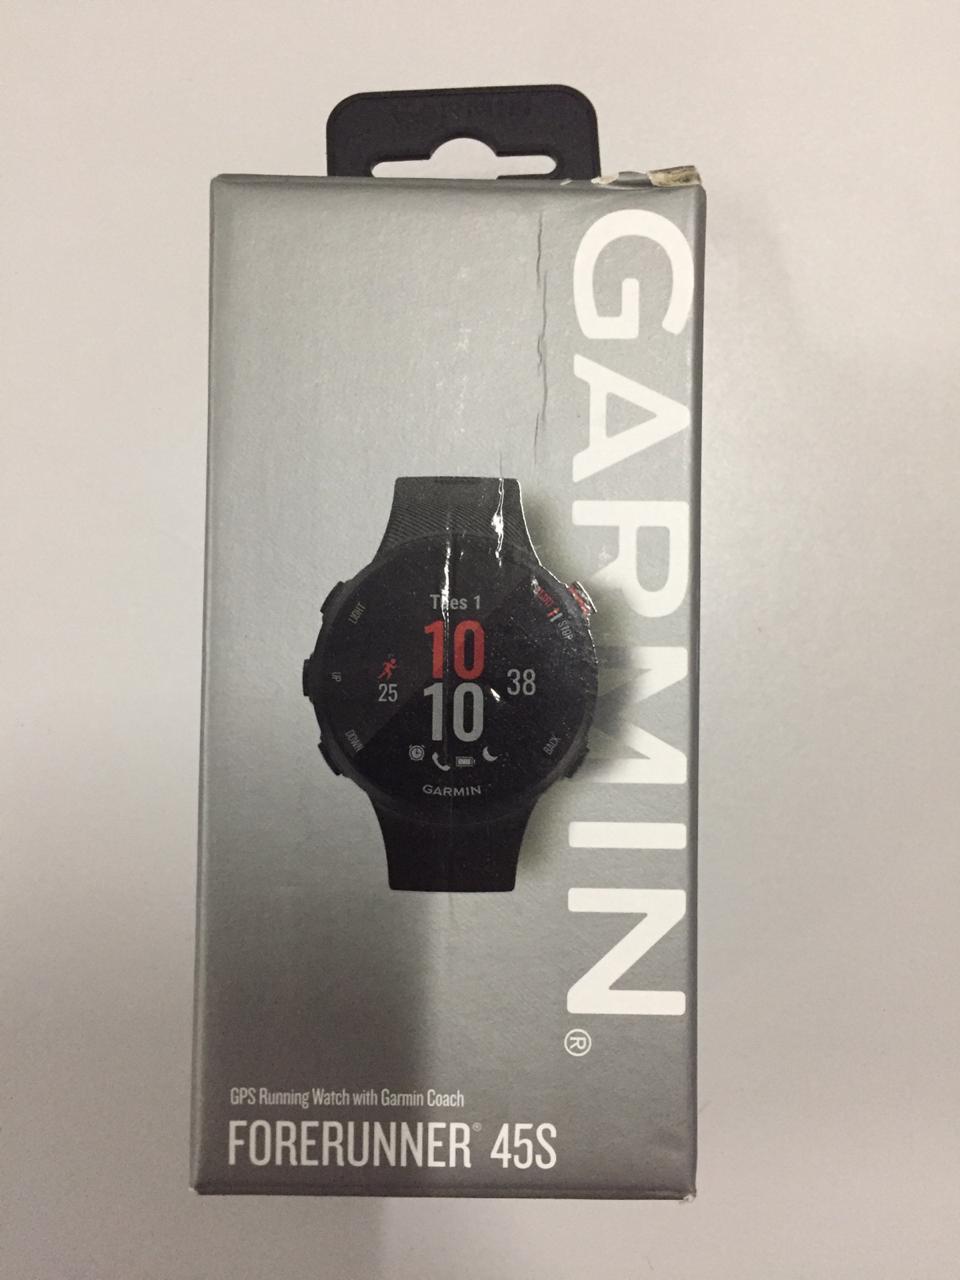 Smartwatch GPS Garmin Forerunner 45s Preto 010-02156-12 - Caixa Danificada no Transporte